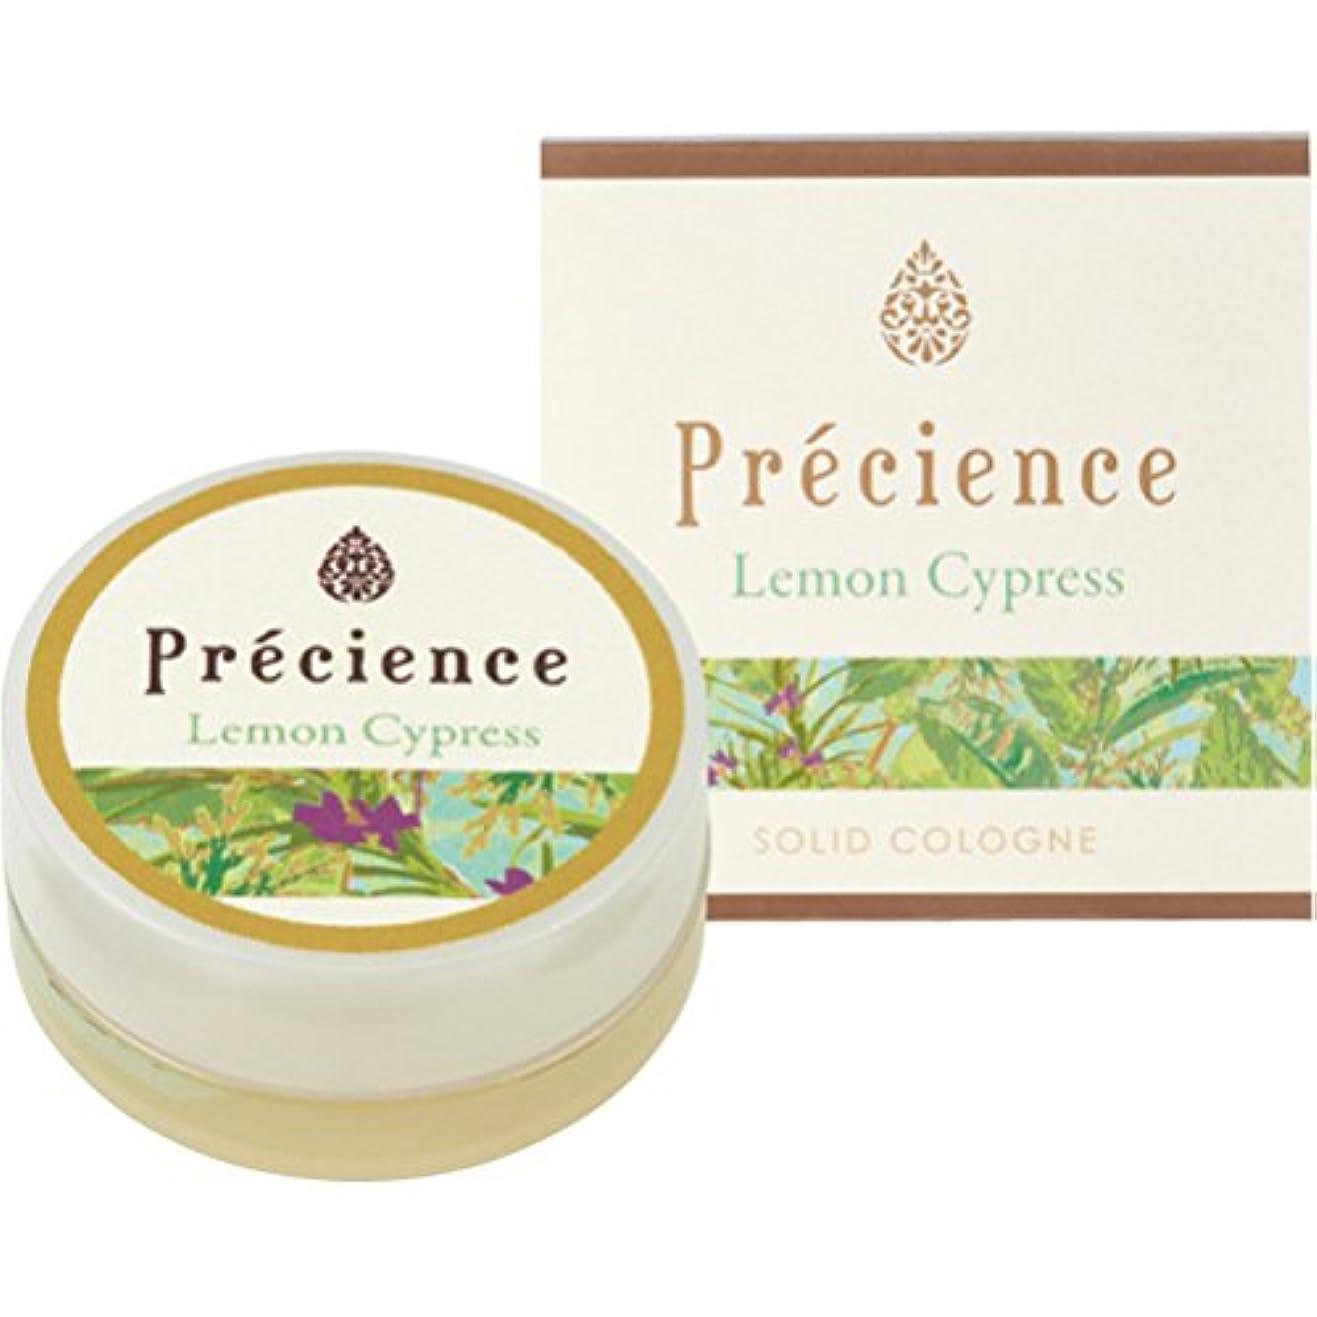 正当化するカイウス変化するプレッシェンス ソリッドコロン(練り香水) レモンサイプレス5g